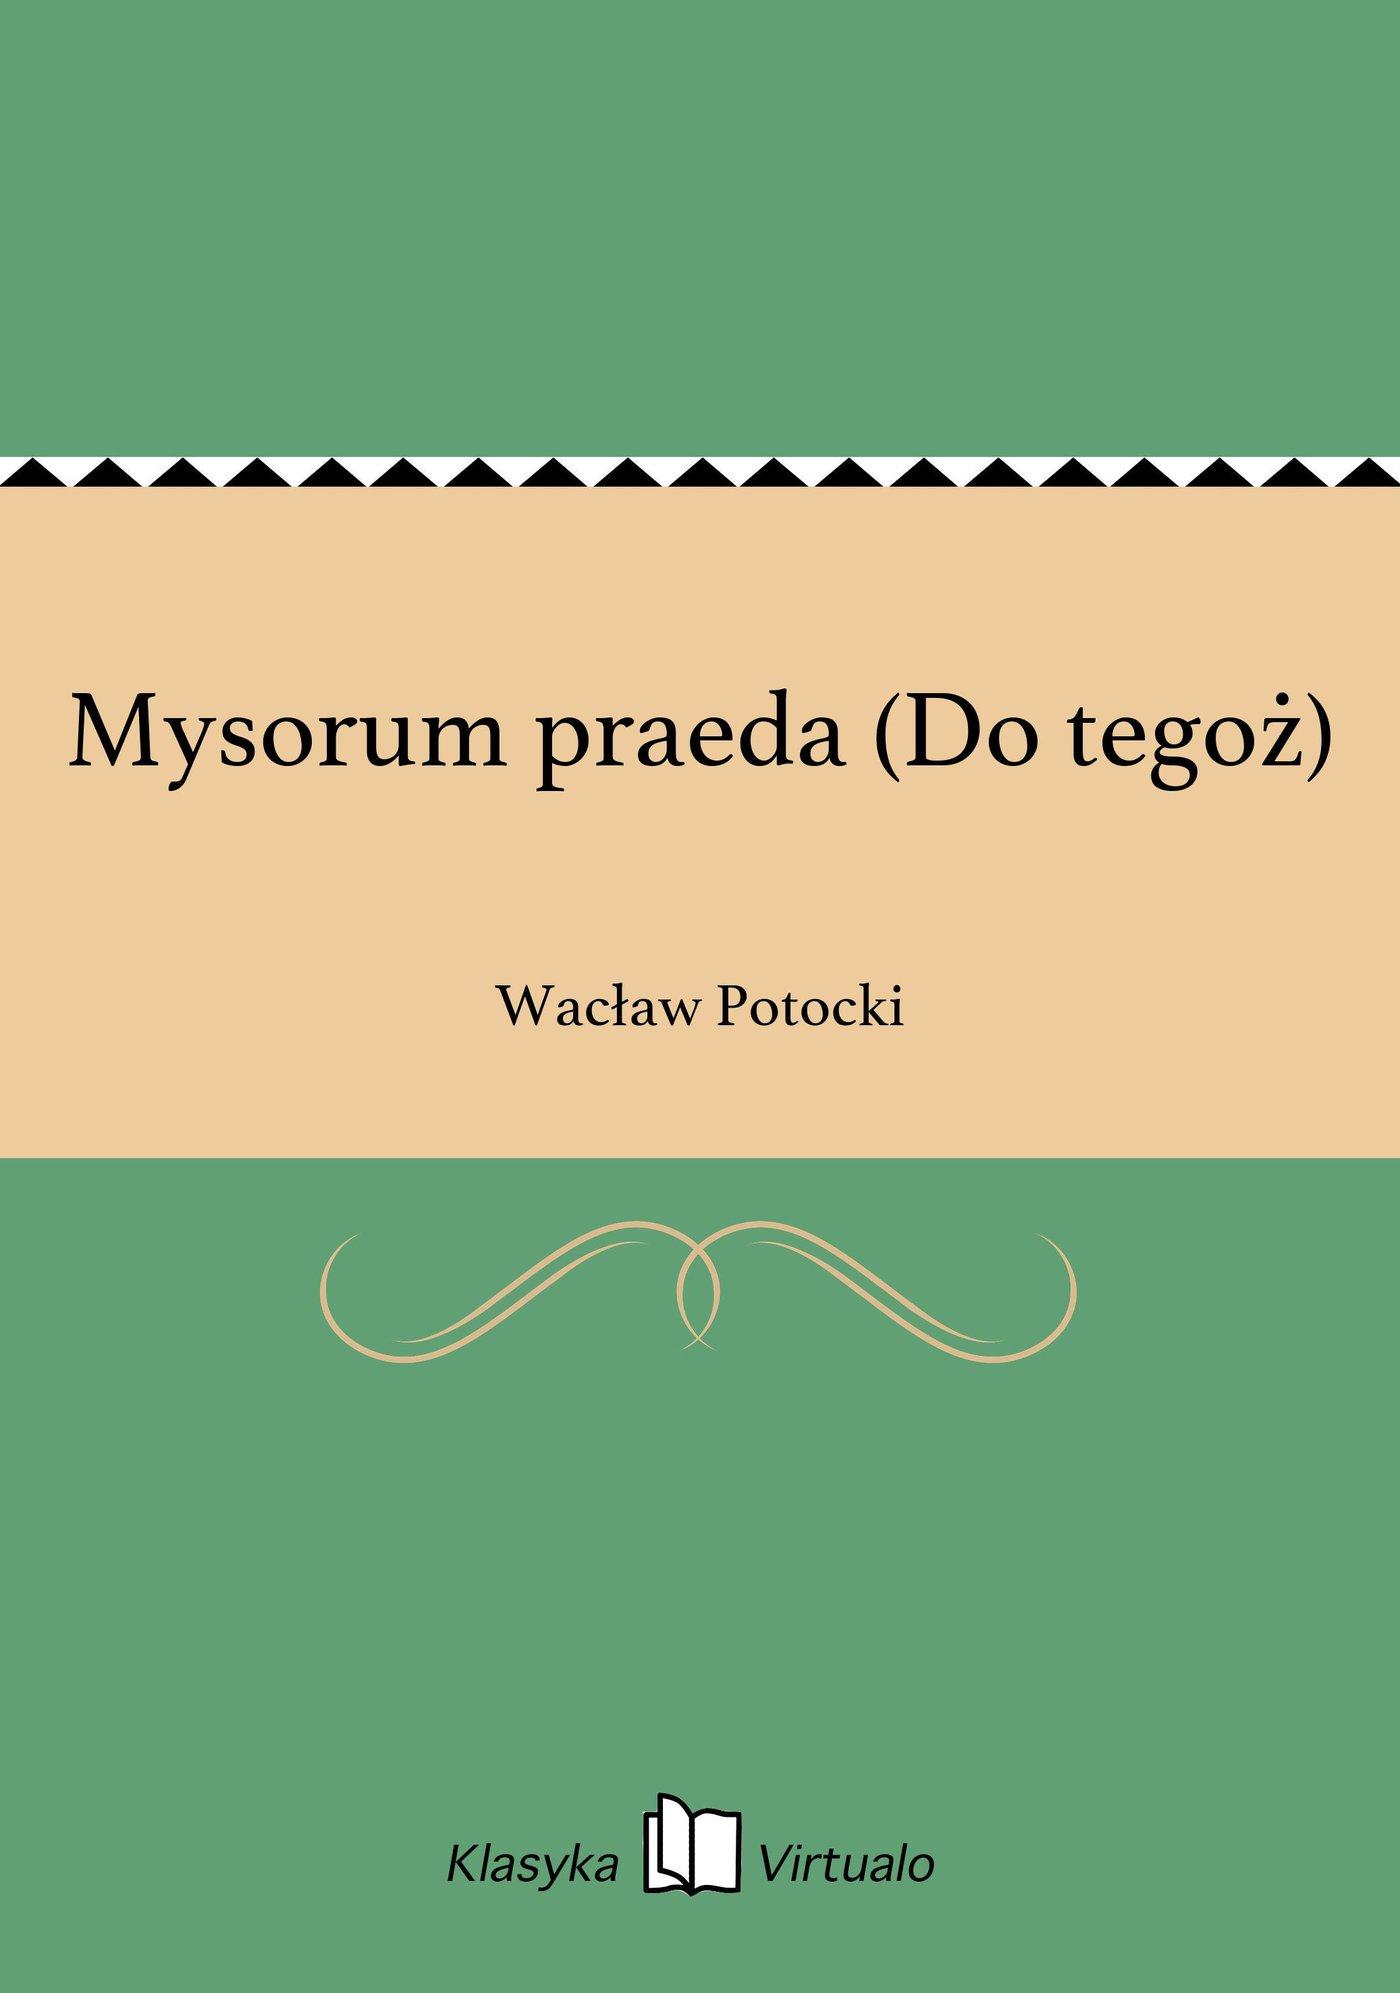 Mysorum praeda (Do tegoż) - Ebook (Książka EPUB) do pobrania w formacie EPUB